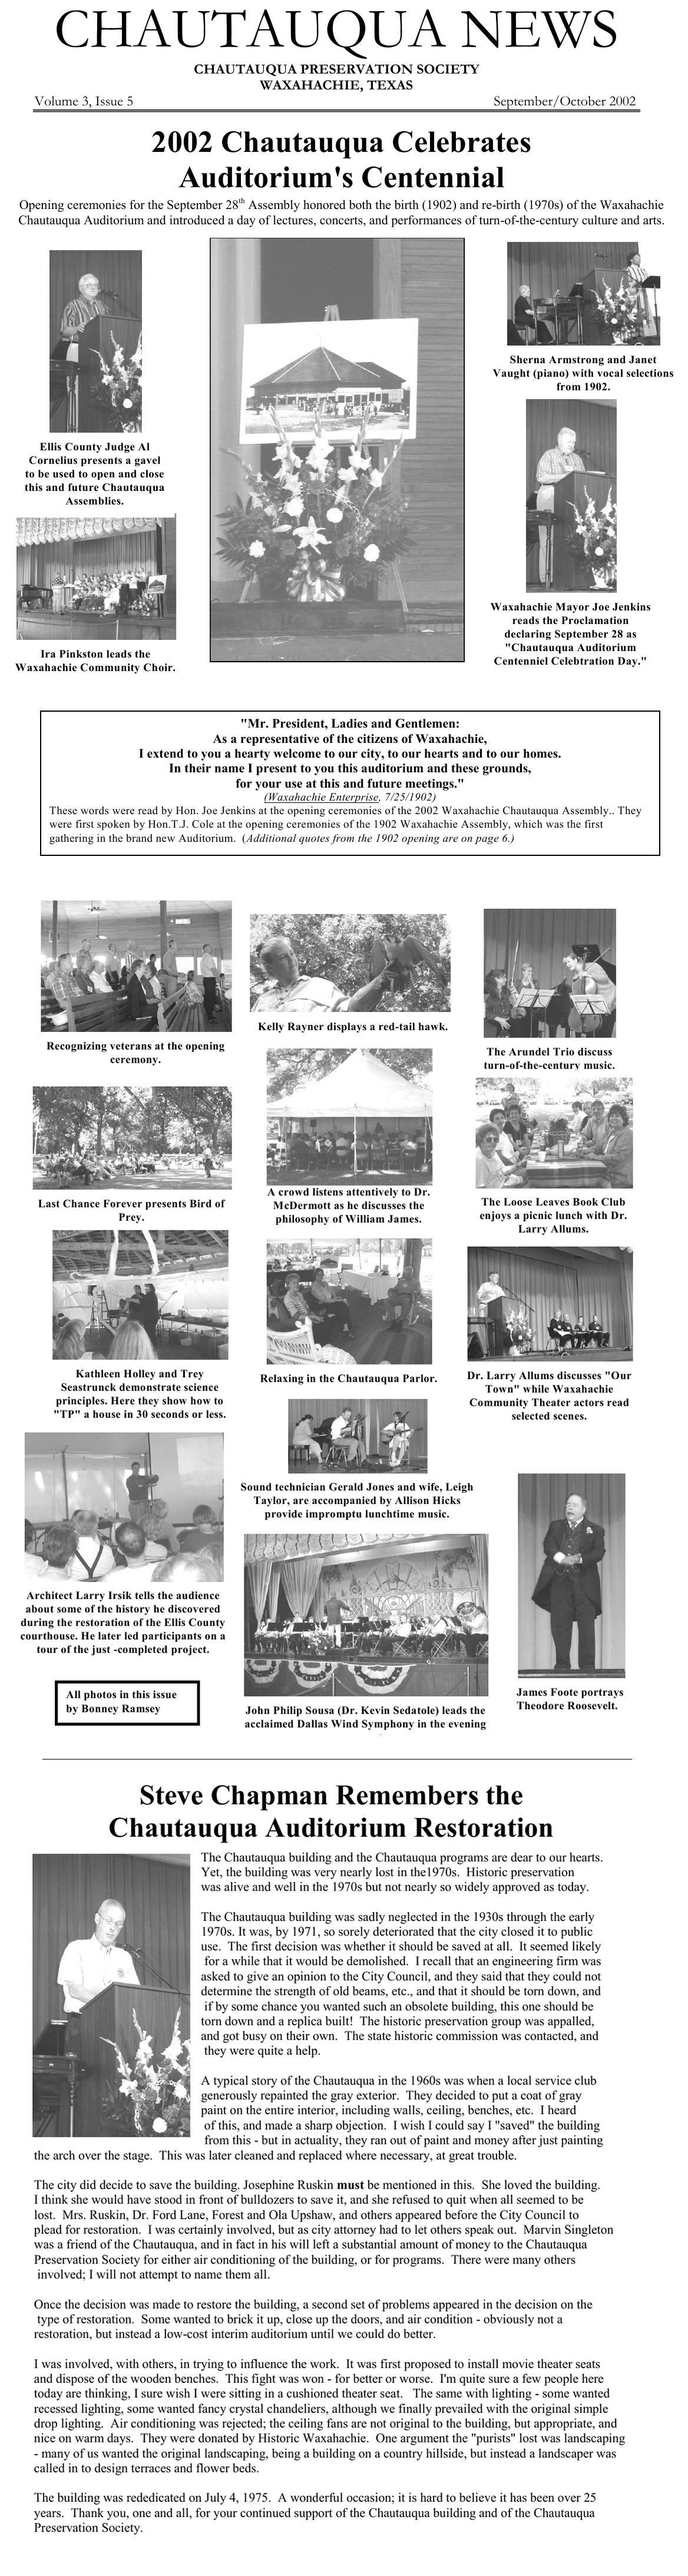 newsletter-Oct-2002-v2.jpg